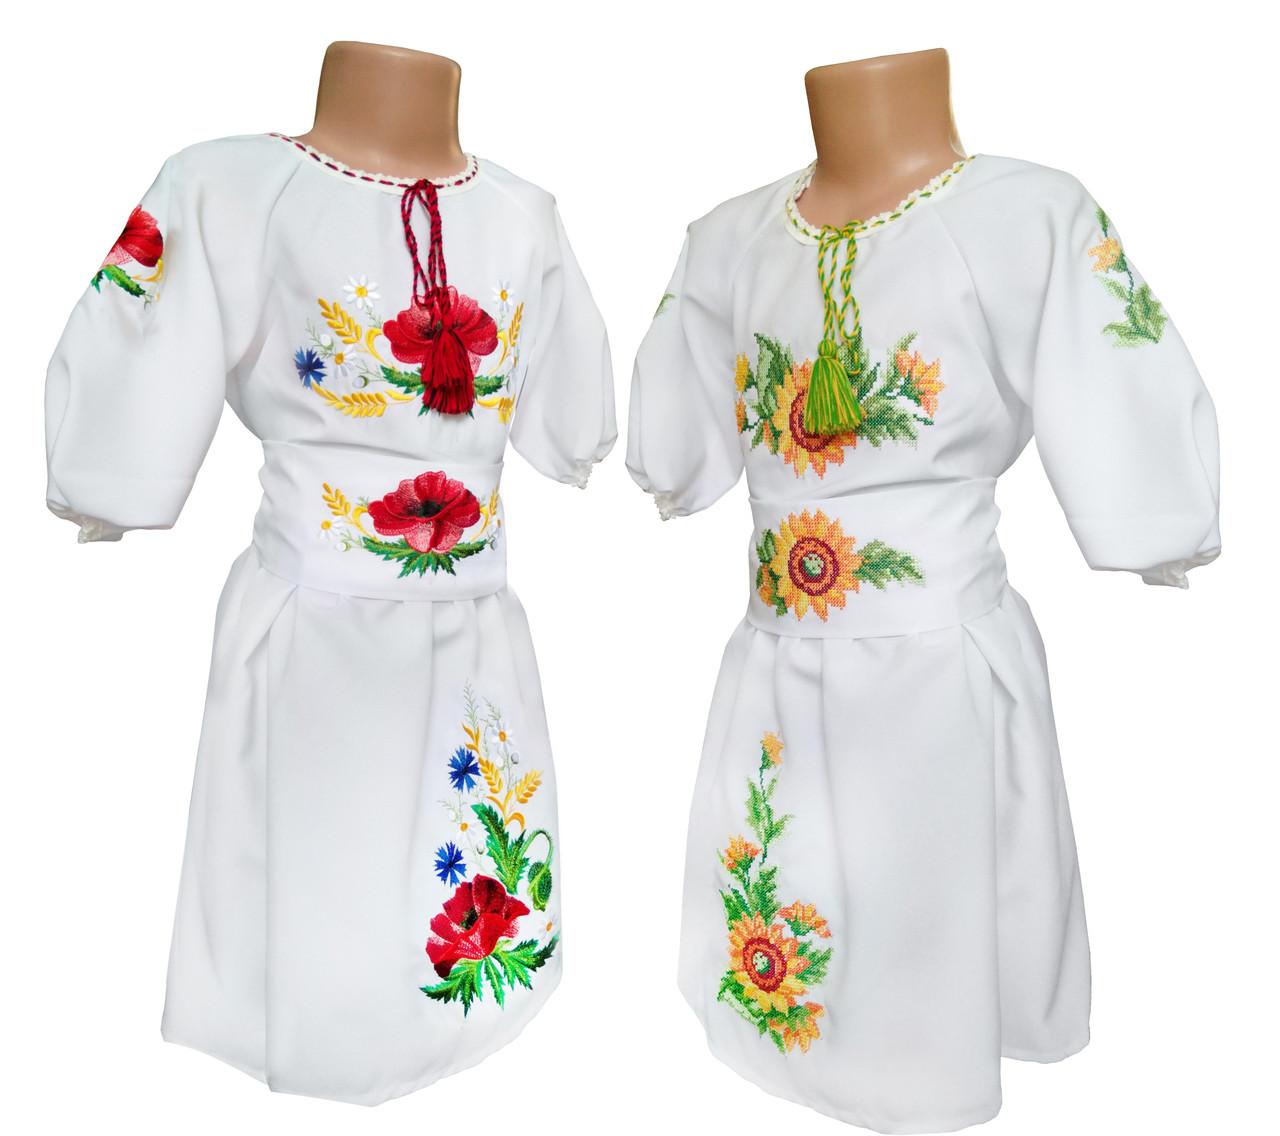 Сукня вишиванка для дівчинки із квітковим орнаментом на білій тканині